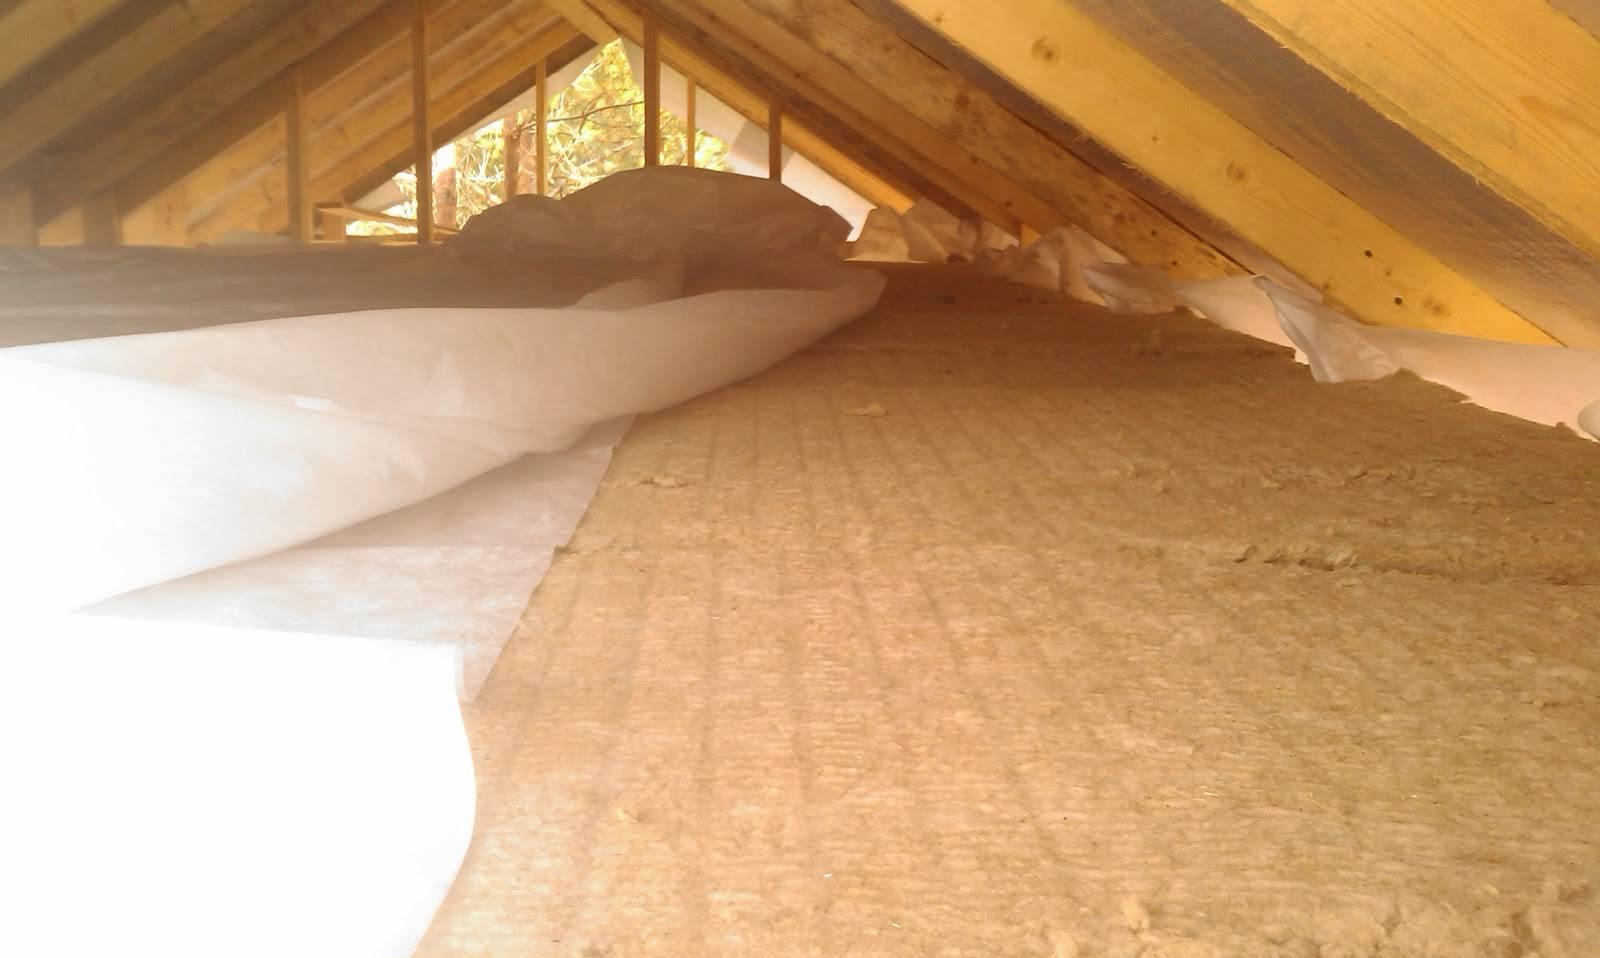 Утепление потолка в доме с холодной крышей: материалы и способы реализации | гид по отоплению